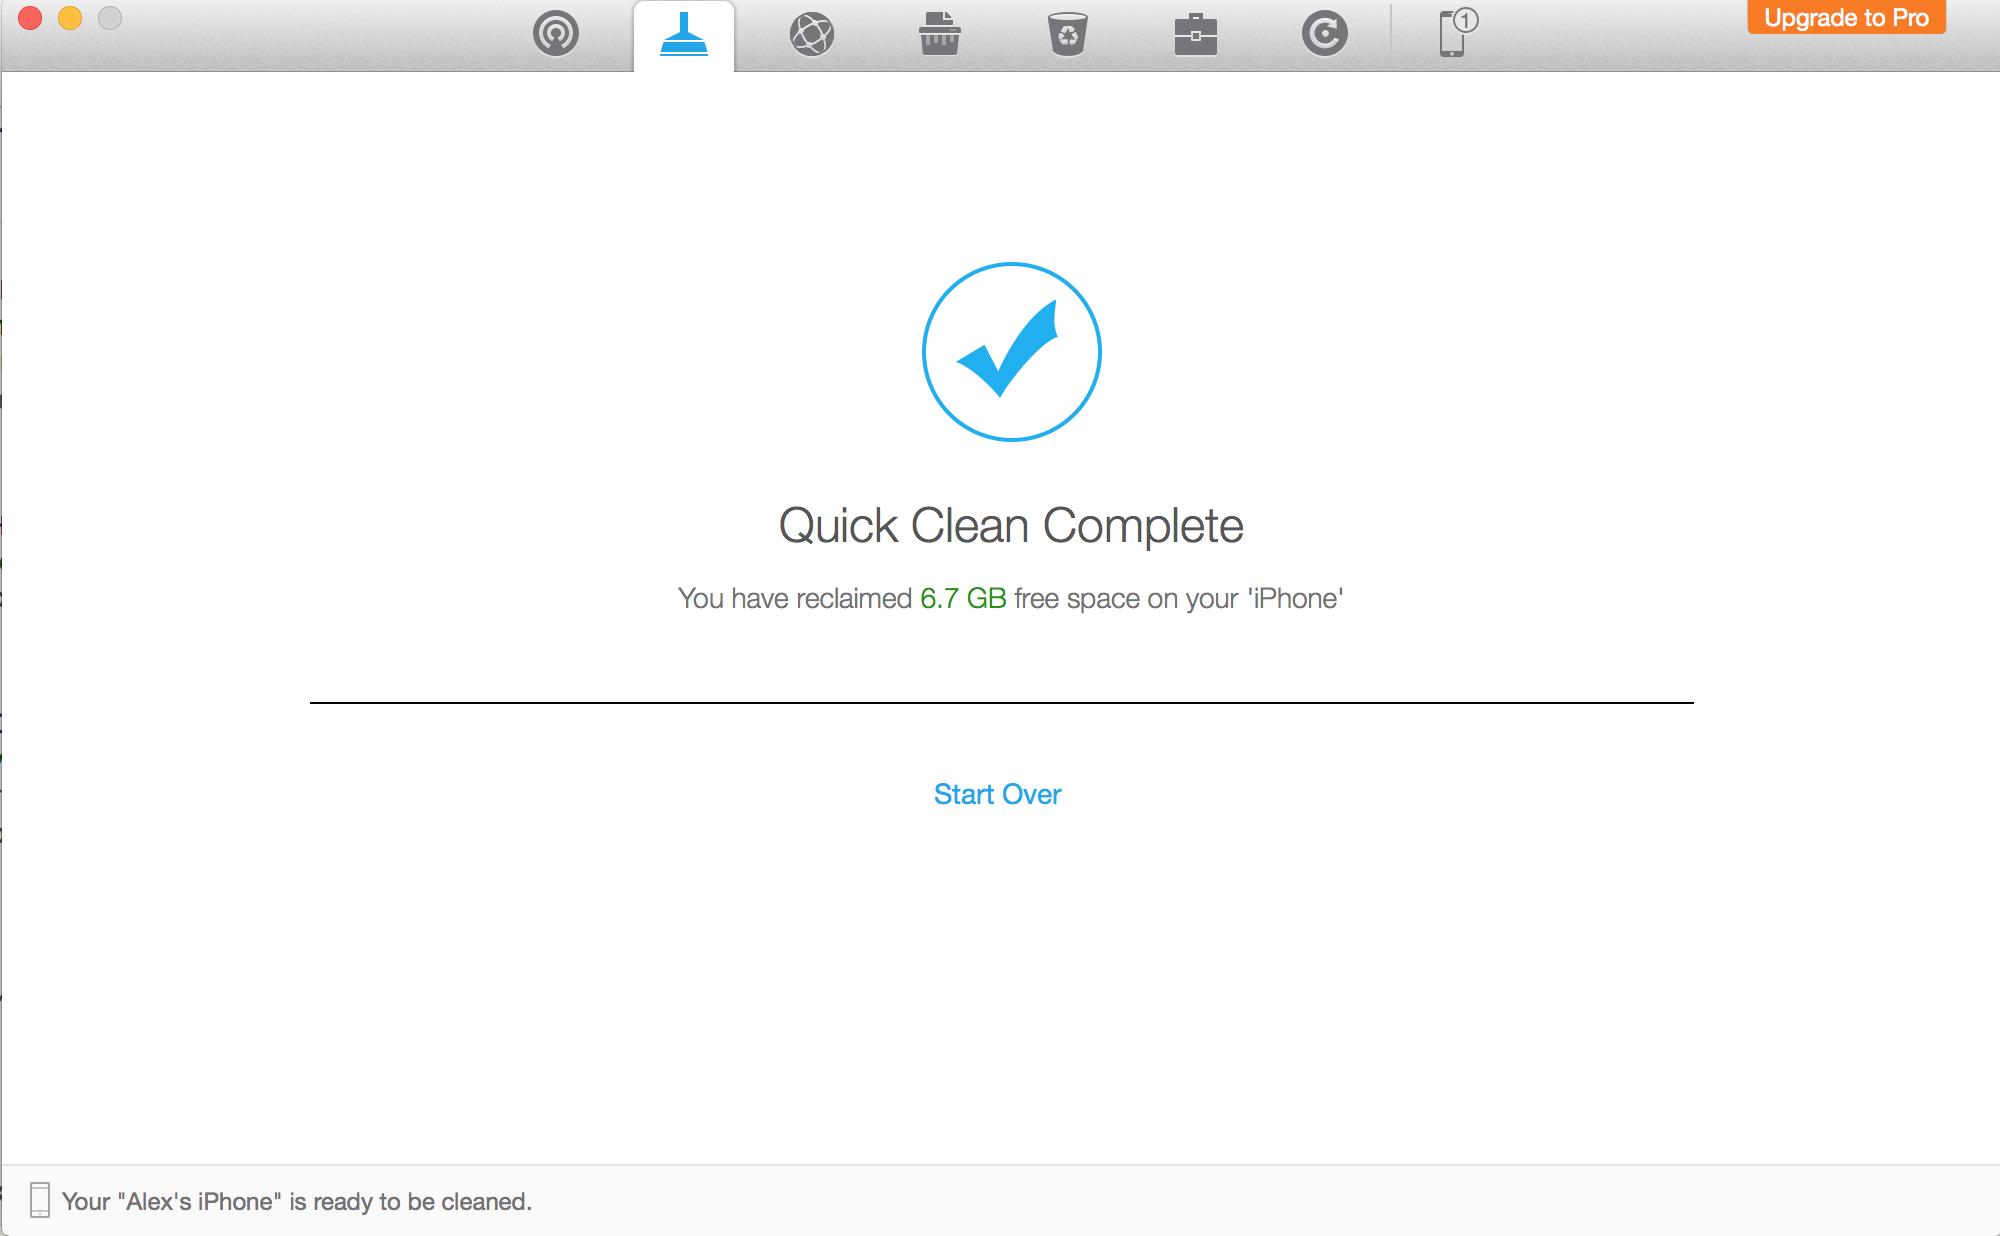 Удаление ненужных файлов на iPhone завершено